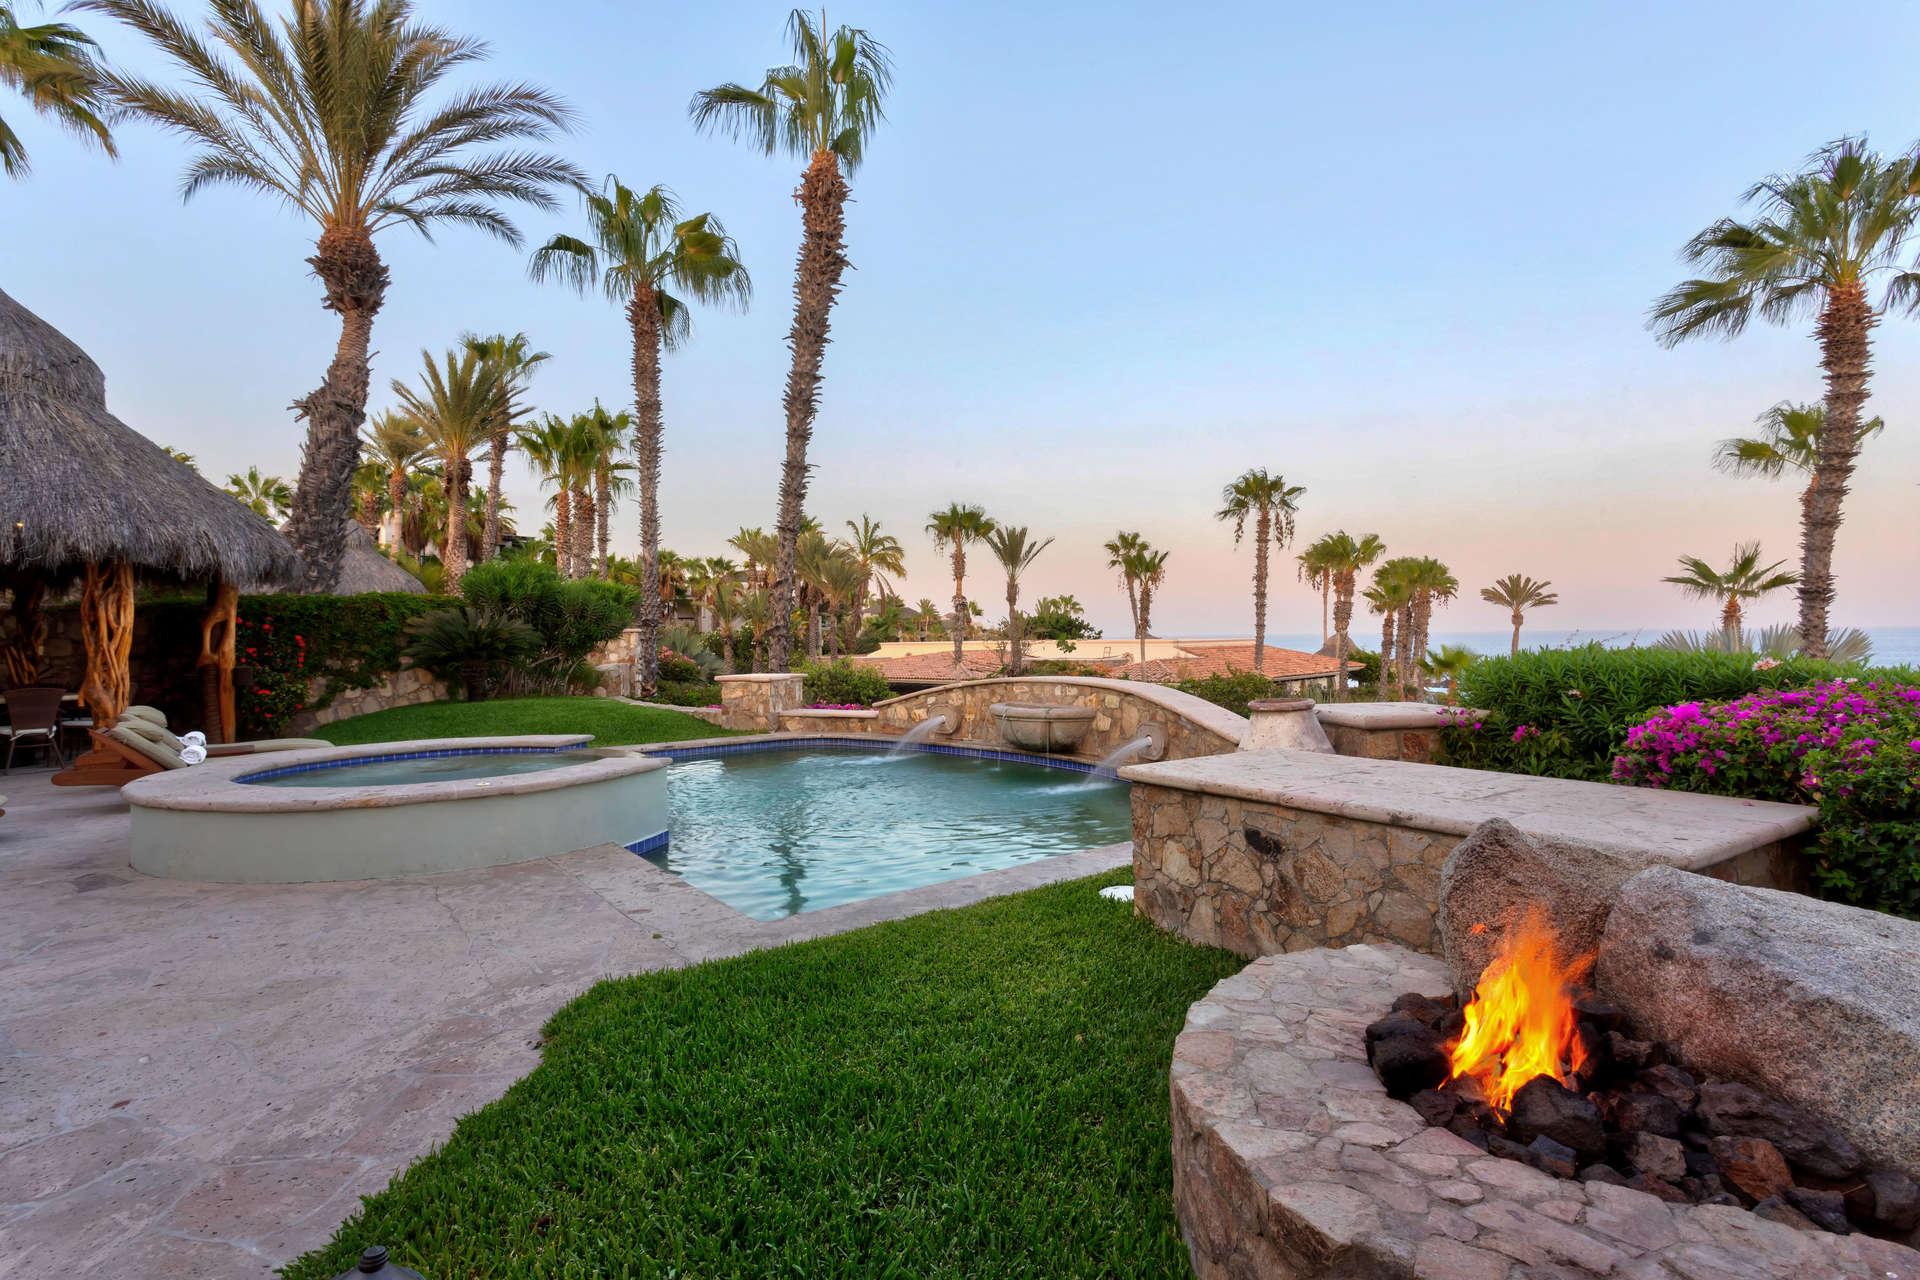 Luxury vacation rentals mexico - Los cabos - Los cabos corridor - Punta ballena - Villa Tranquila - Image 1/26